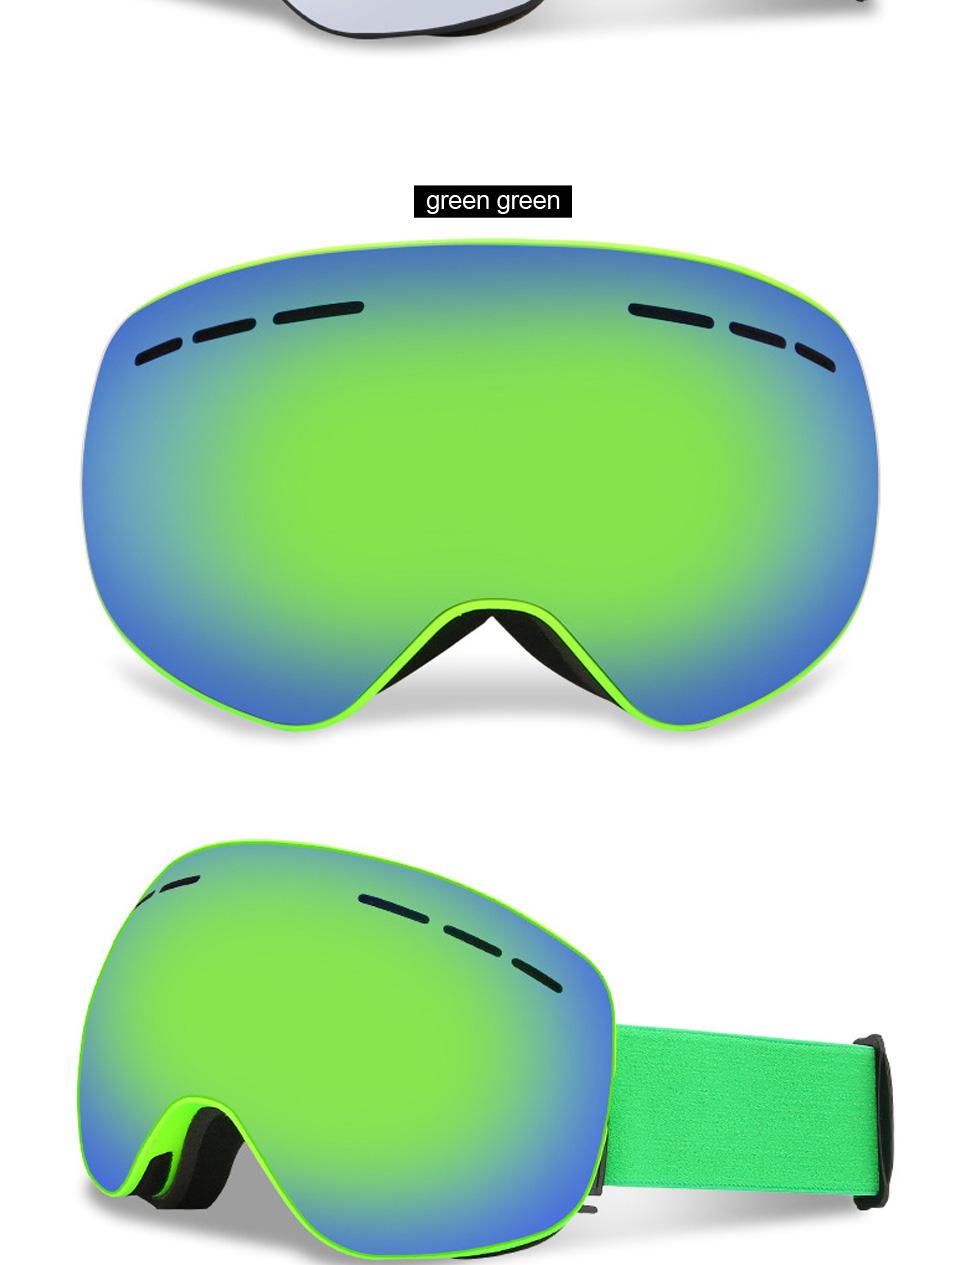 Ski Óculos De Proteção UV400 Óculos De Esqui Lente Dupla Anti-nevoeiro  óculos de Esqui Snowboard Óculos De Esqui Óculos Com uma Caixa e um Lente  ExtraUSD ... 1a39d2ab9c